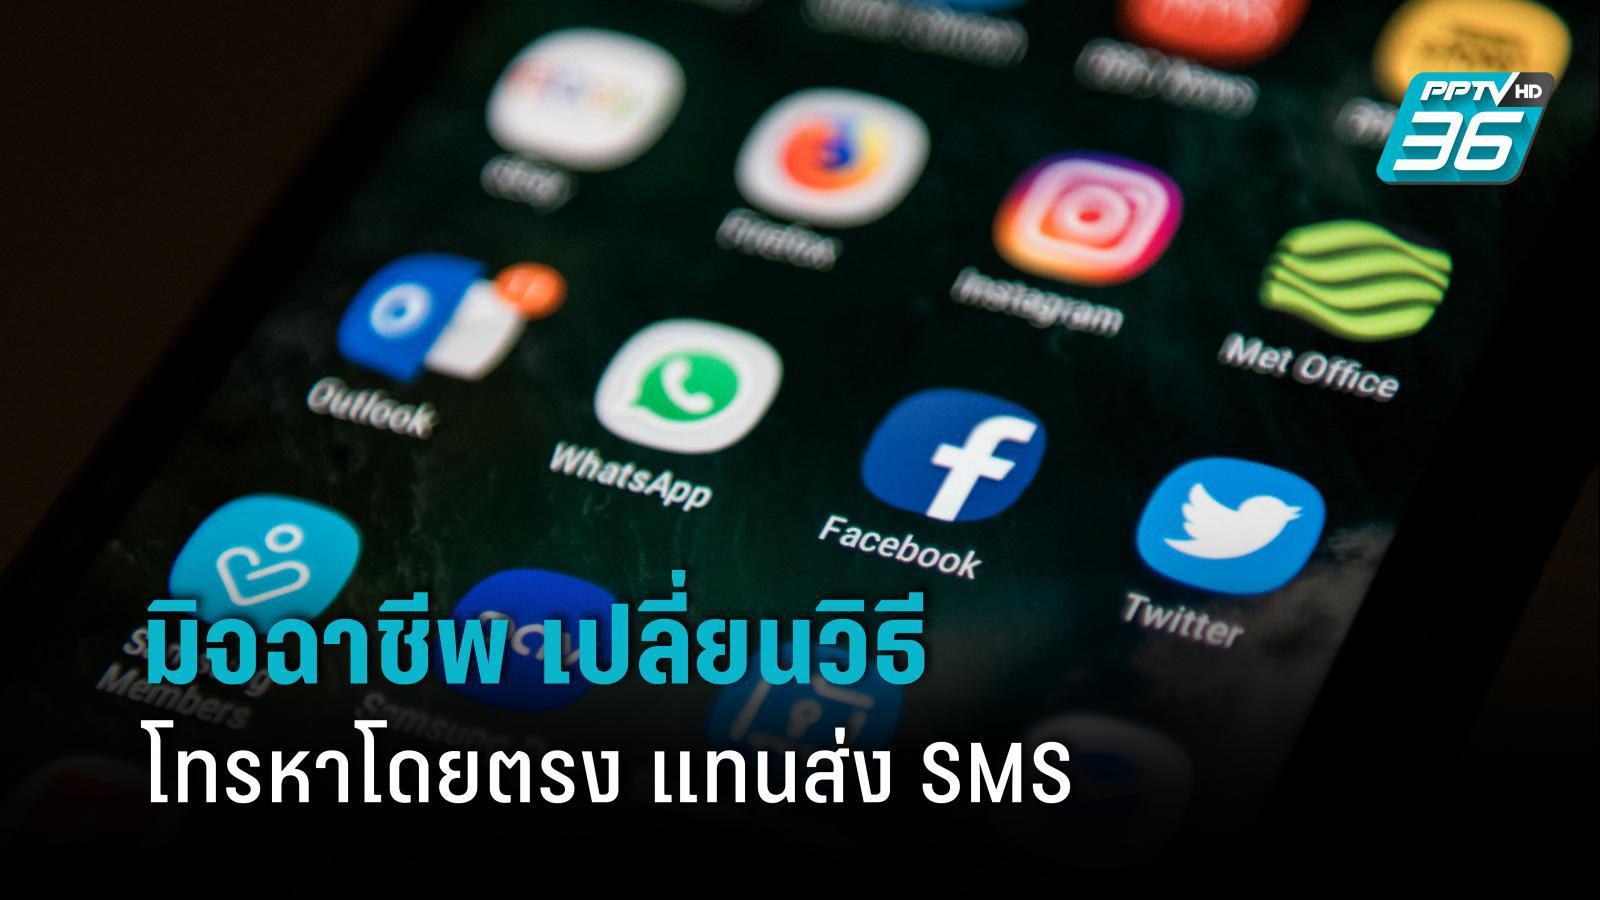 กสทช. เผย มิจฉาชีพ เปลี่ยนวิธีโทรหาโดยตรง แทนส่ง SMS เตือนอย่าหลงเชื่อ-ให้ข้อมูล